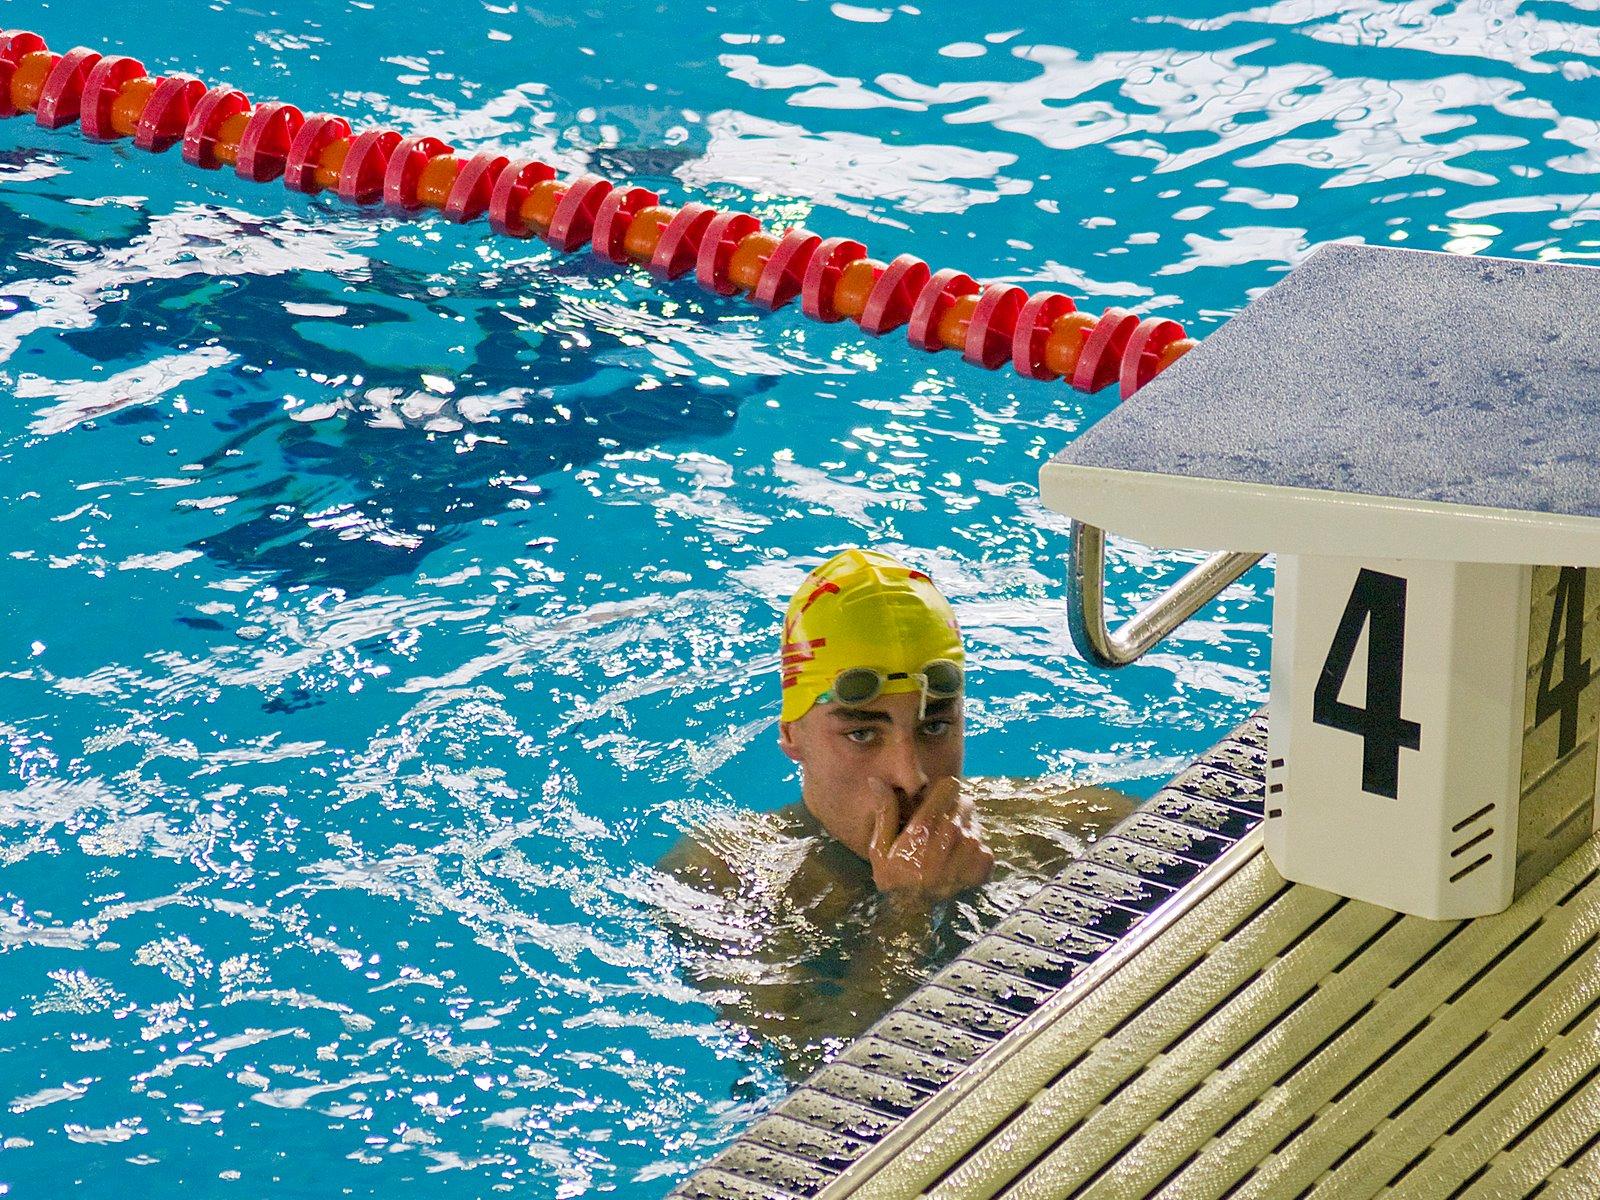 Club natacion benicarlo abril 2010 - Piscina olimpica castellon ...